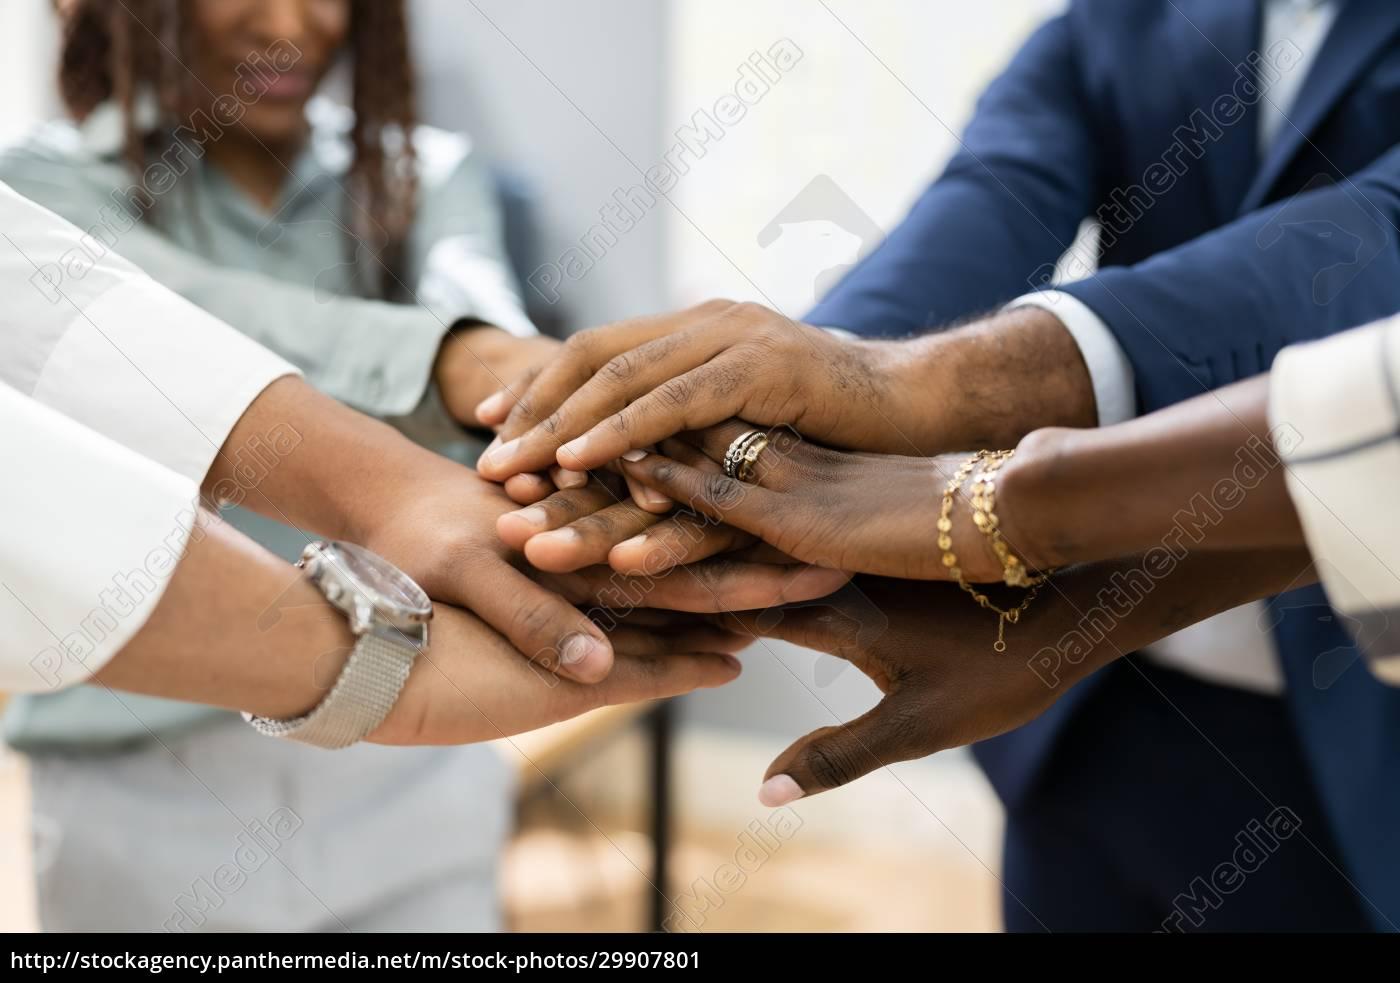 african, business, team, hands - 29907801